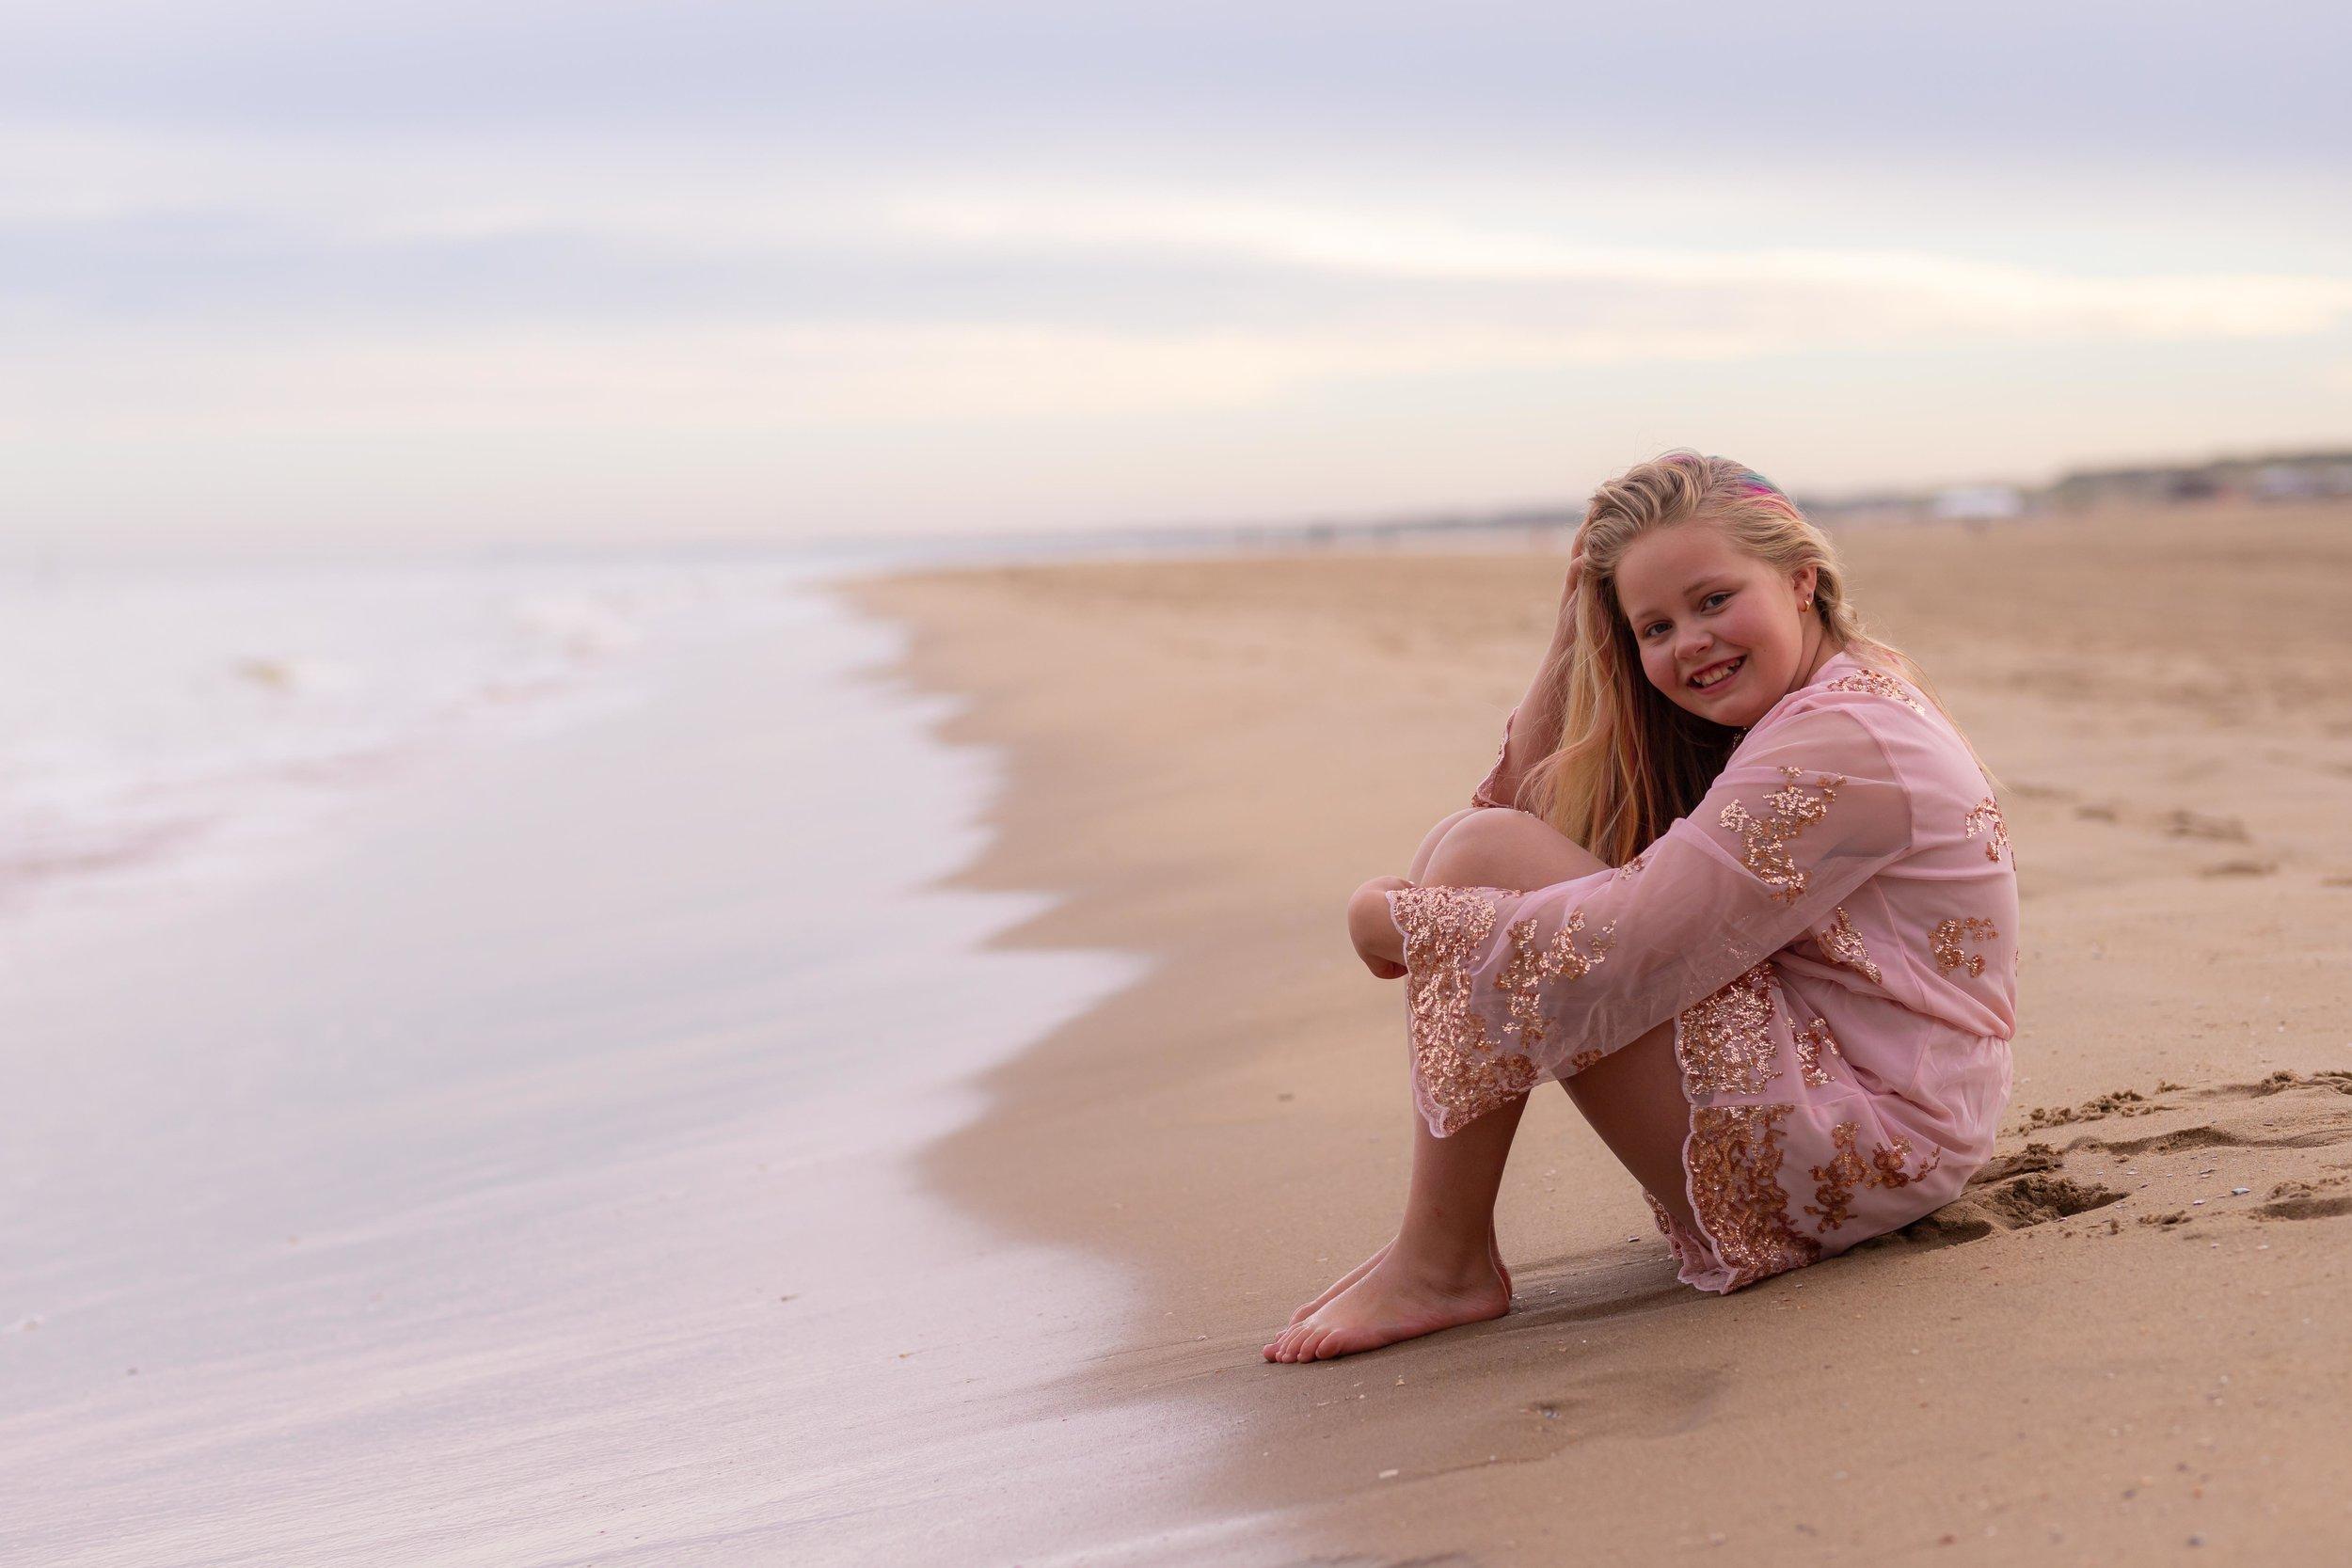 tieners, fotoshoot, model voor een dag, hntm, sweetsixteen, 18 jaar, 21 diner, gotisch, zelfvertrouwen, fine art, kind